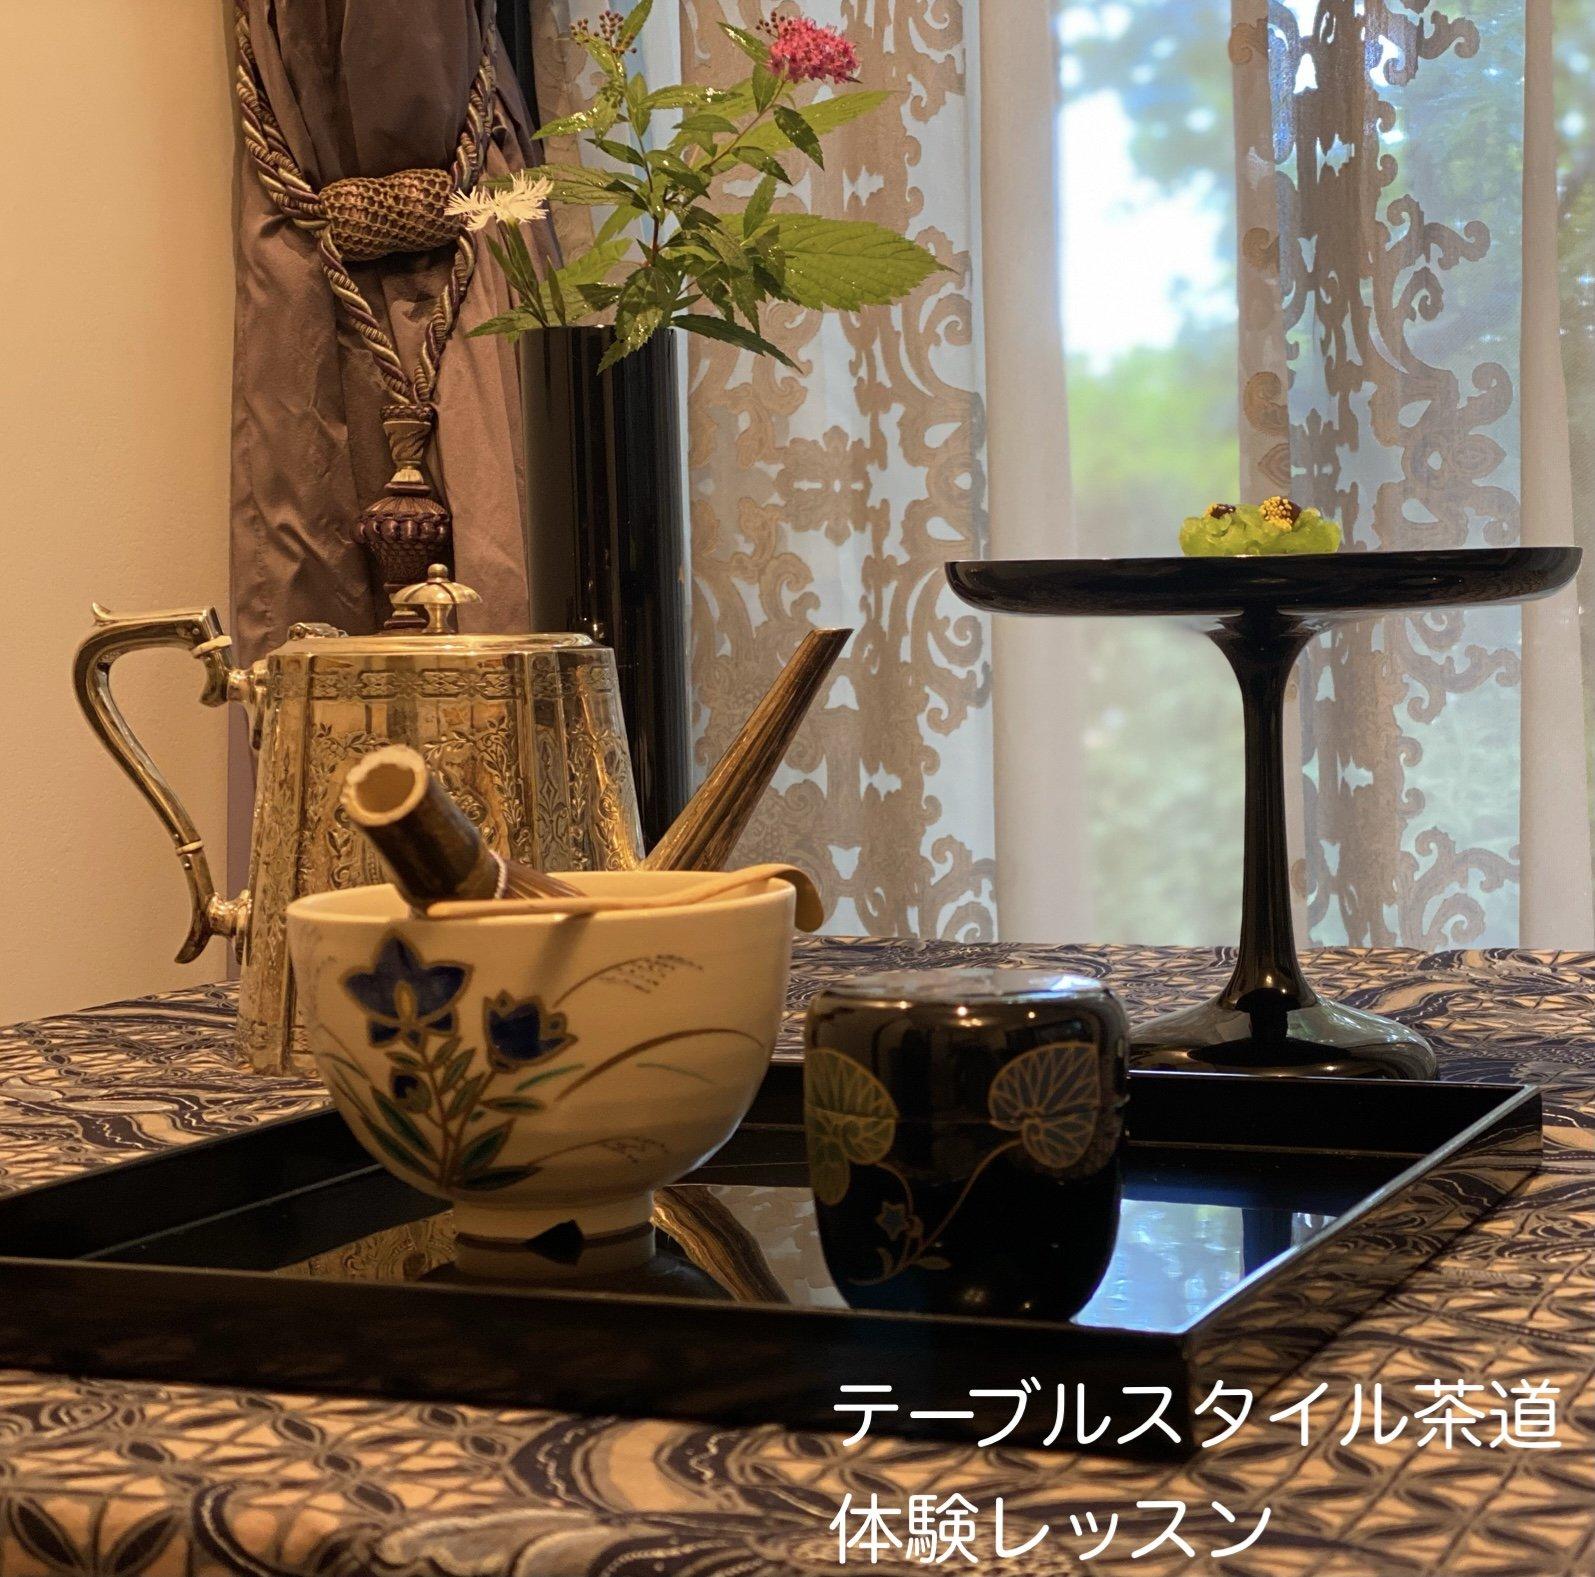 【テーブルスタイル茶道】体験レッスンのイメージその1